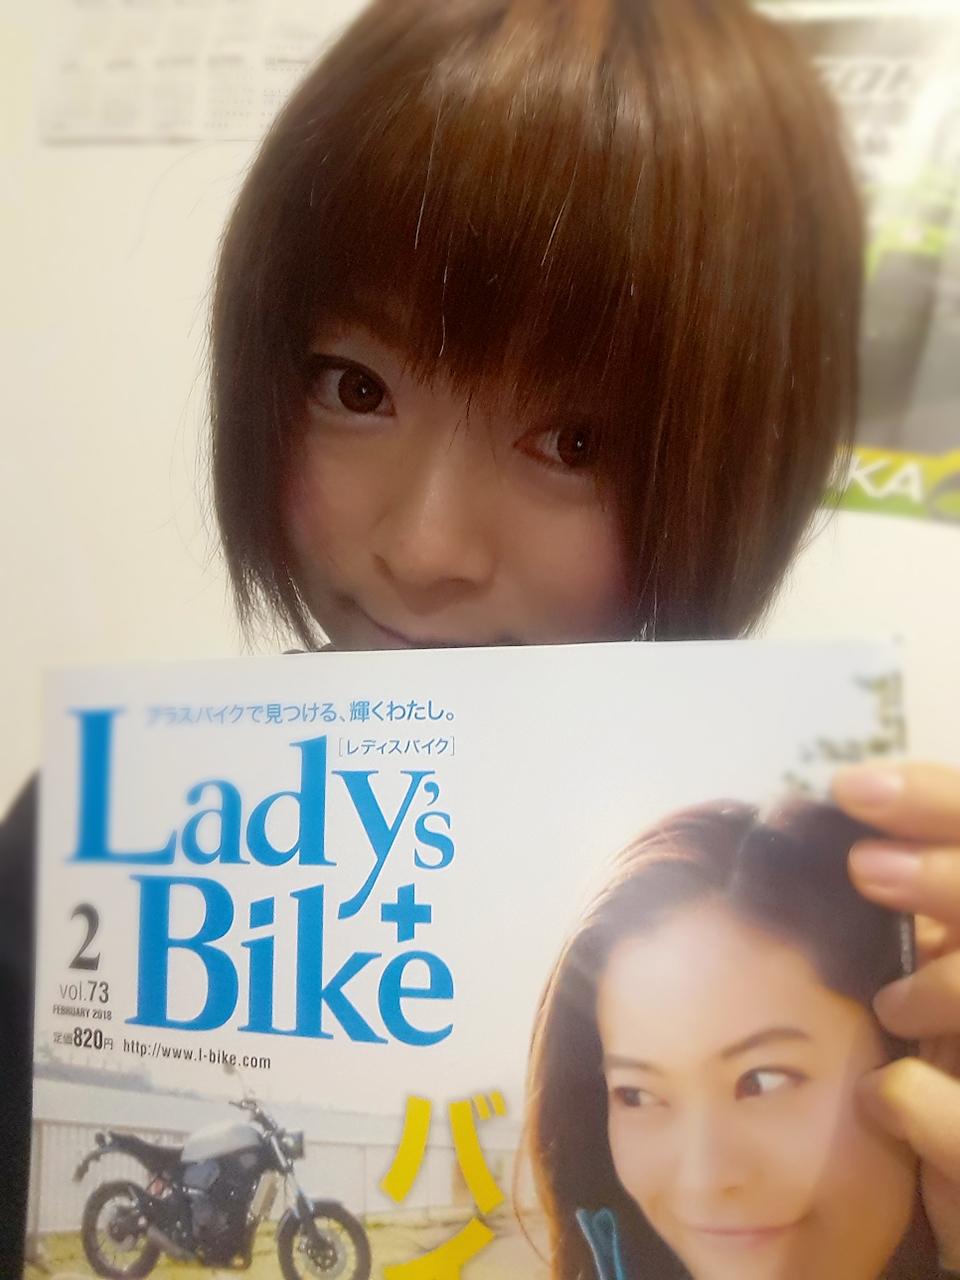 レディスバイク 2018年2月号が発売されました。